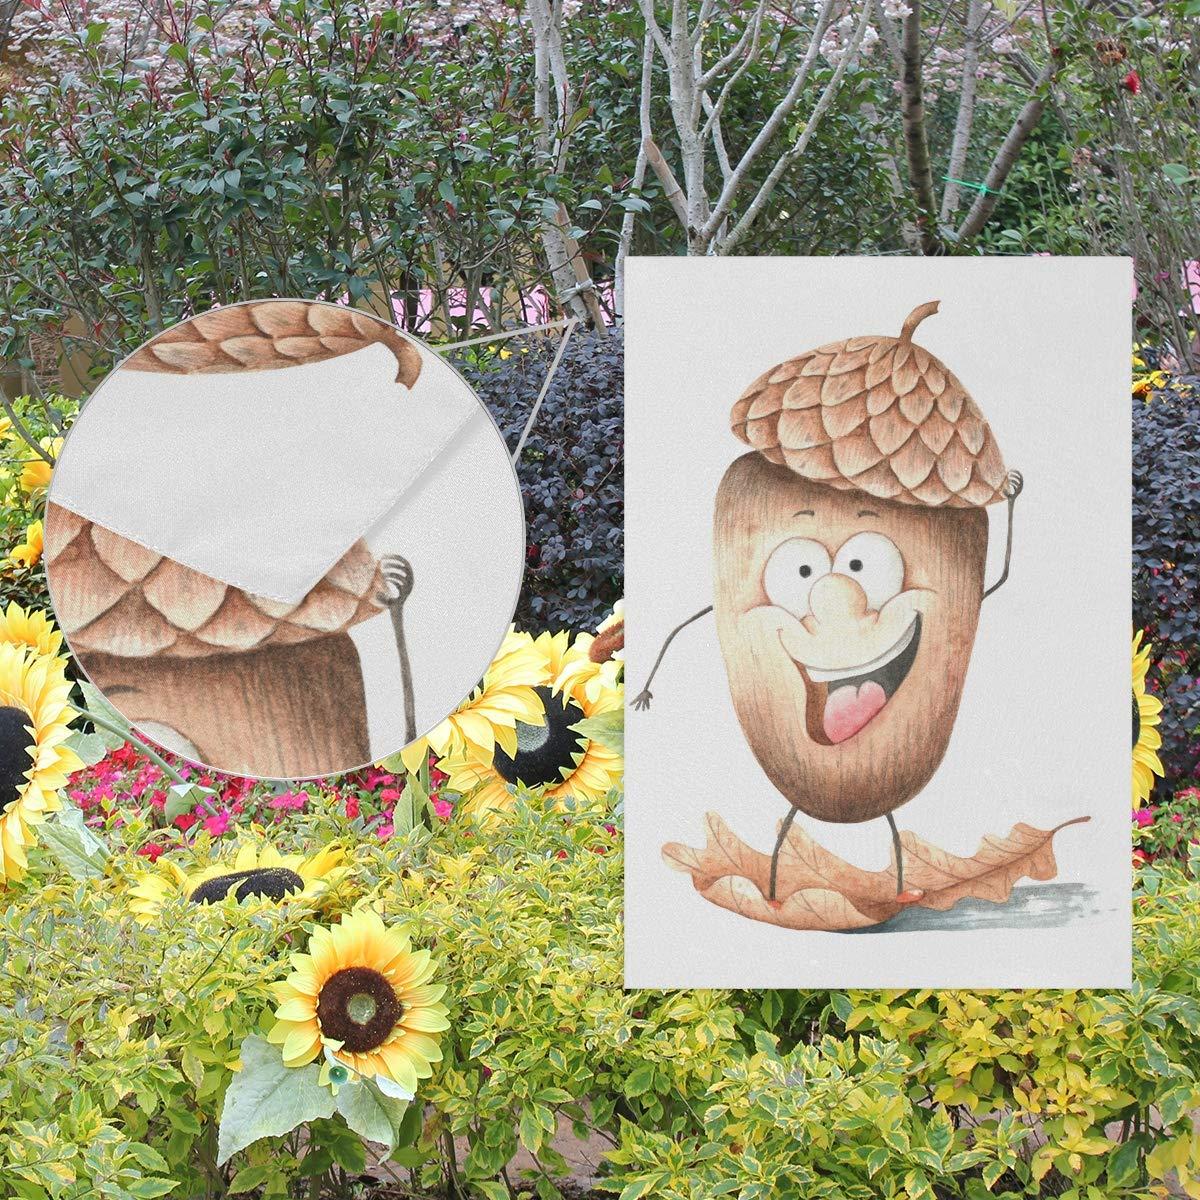 Lafle - Bandera de poliéster de Doble Cara para jardín, diseño de Bellota sobre Hoja de Roble, poliéster, Multicolor, 12 Inch x 18 Inch: Amazon.es: Jardín